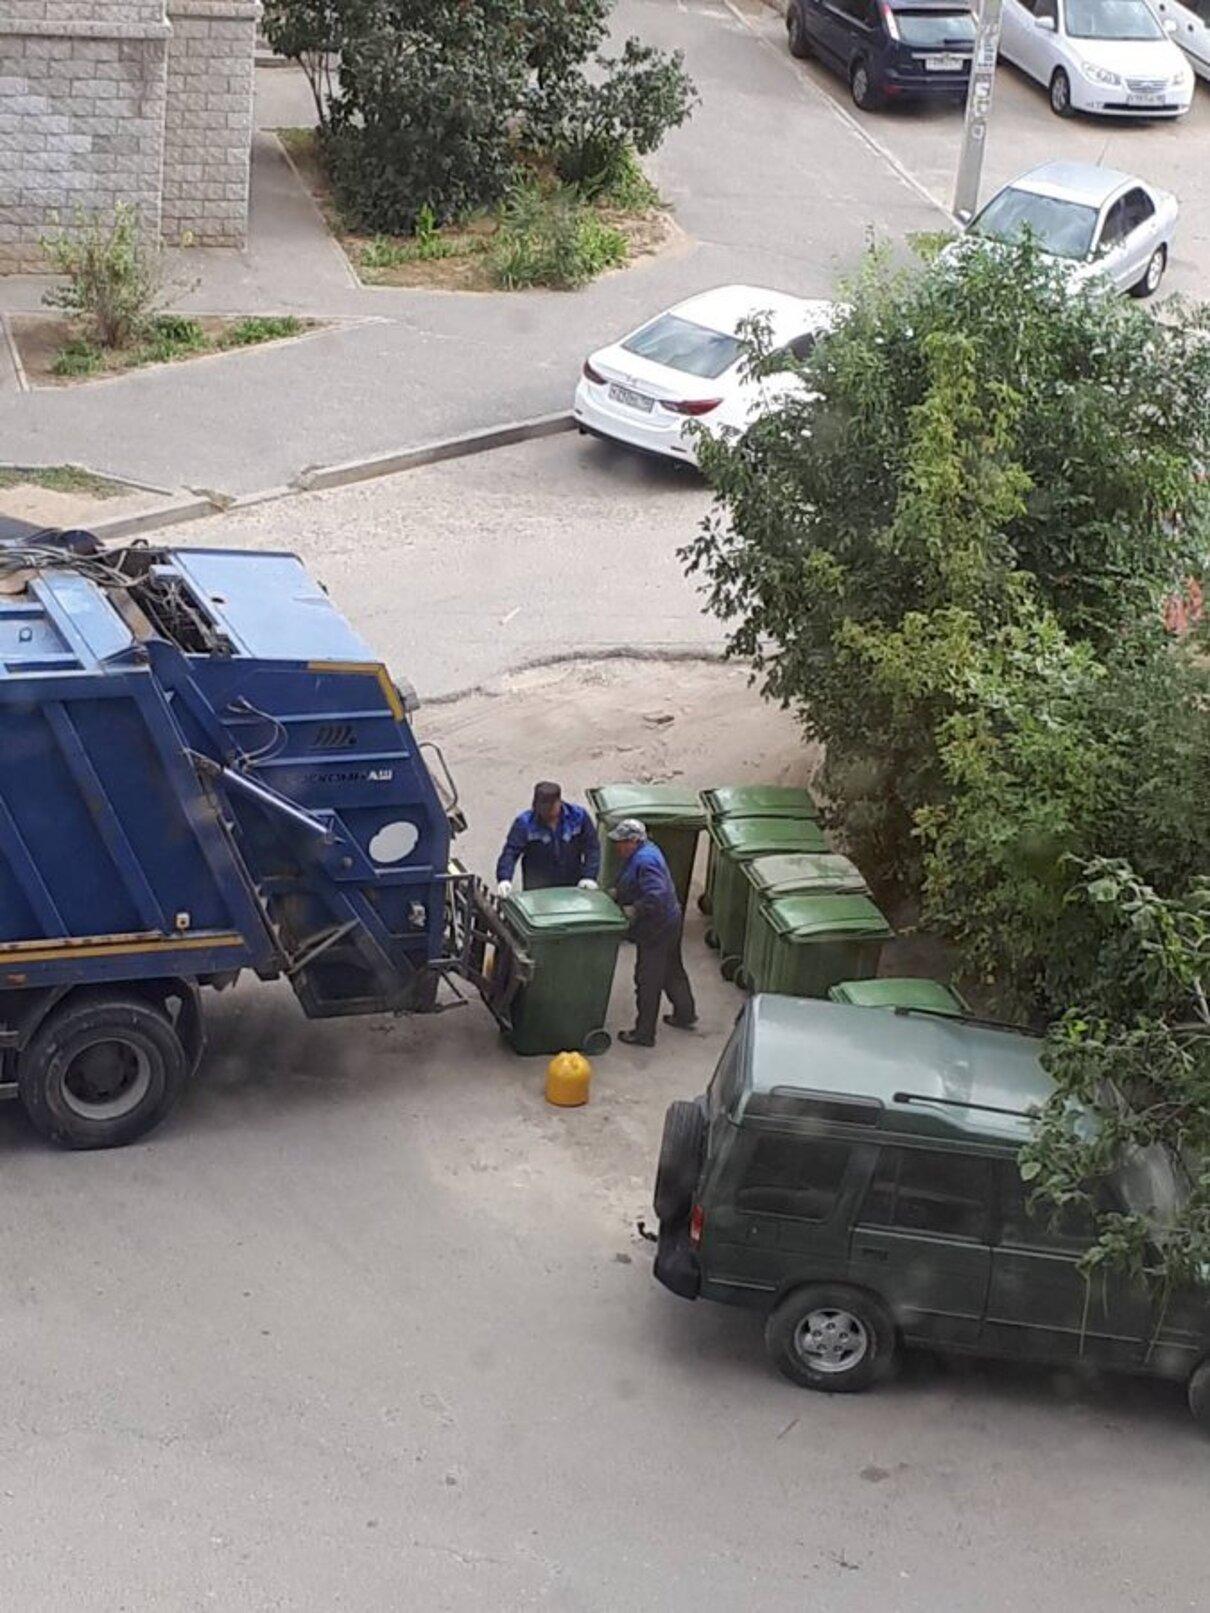 Жалоба-отзыв: УК «Жилкомсервис - Установка мусорных баков на проезжей части возле детской площадки.  Фото №2